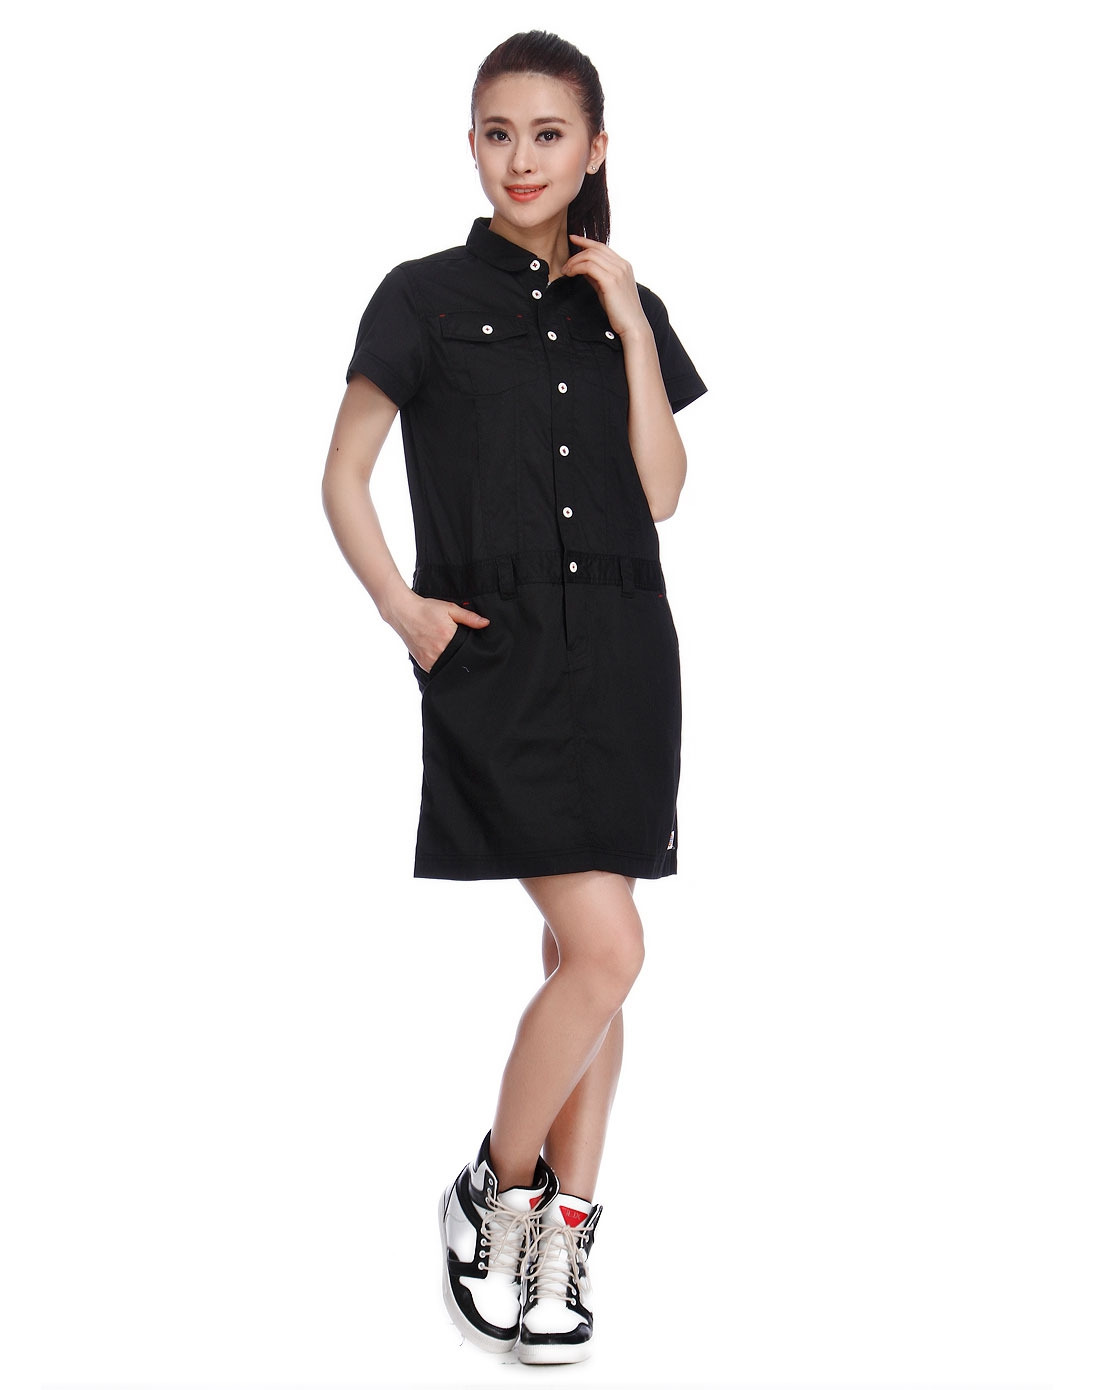 女款純黑色都市神秘工裝短袖連衣裙